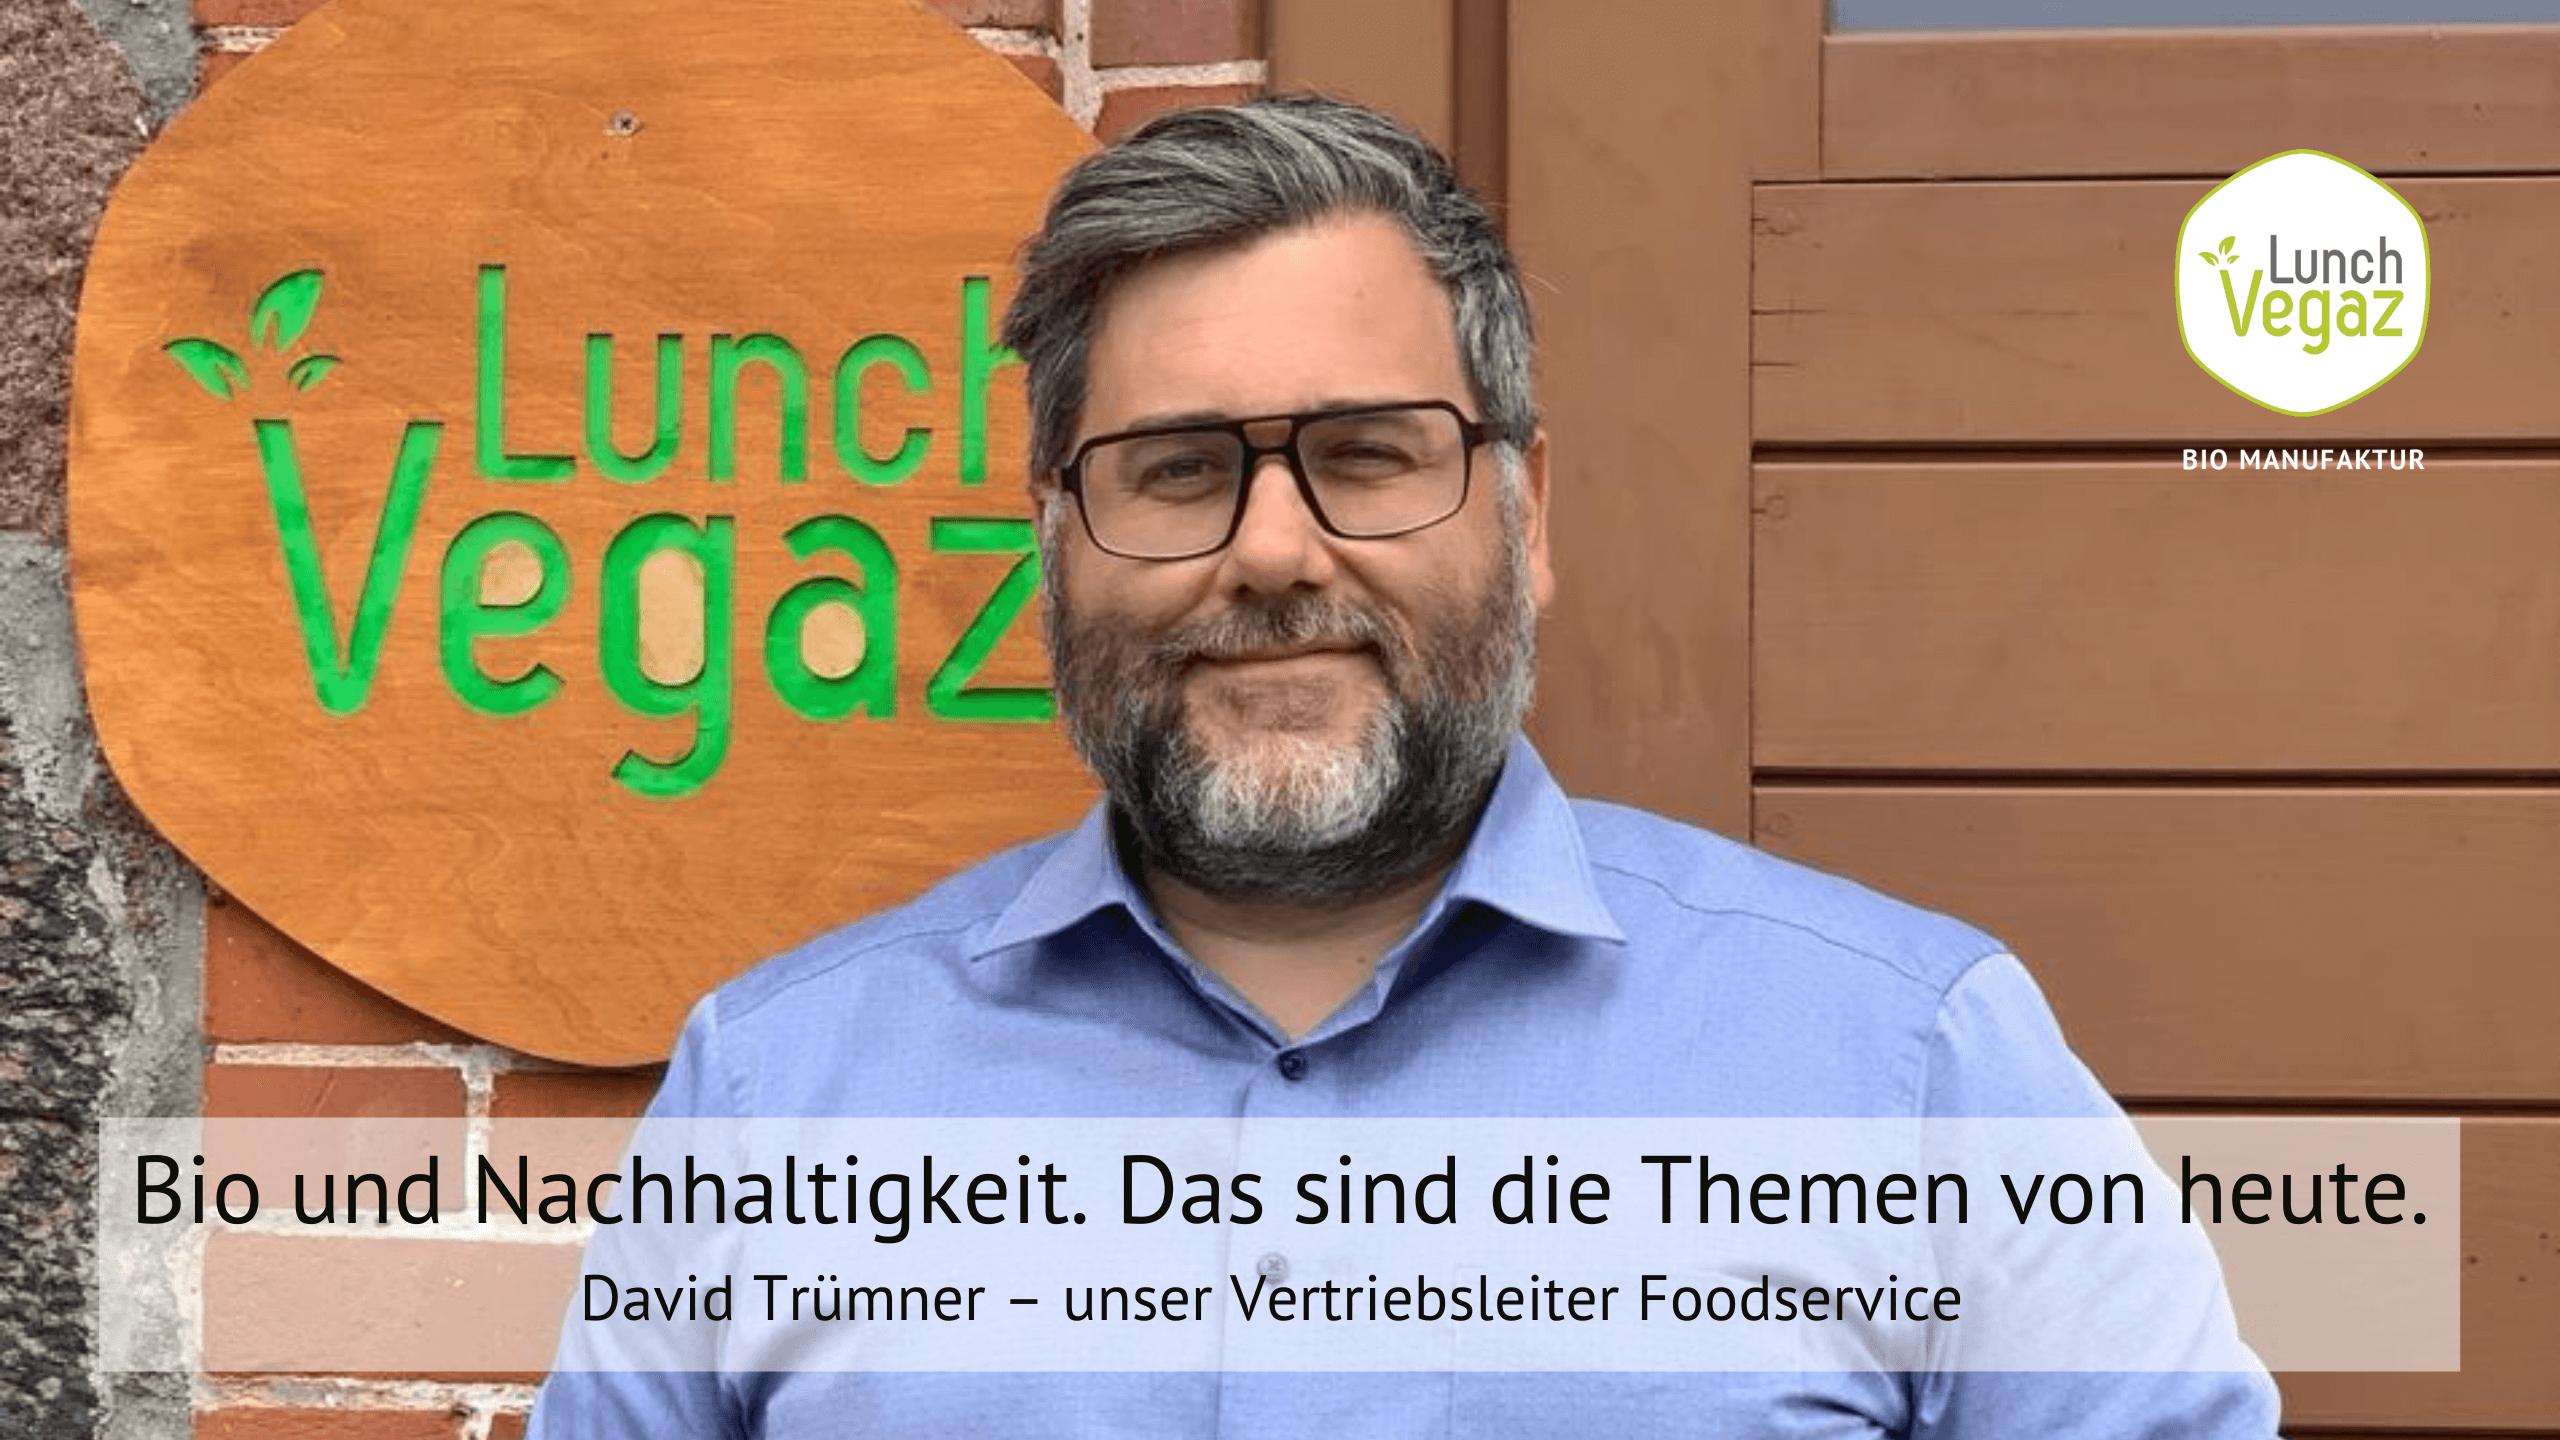 David Trümner ist der Vertriebsleiter Foodservice von Lunch Vegaz.